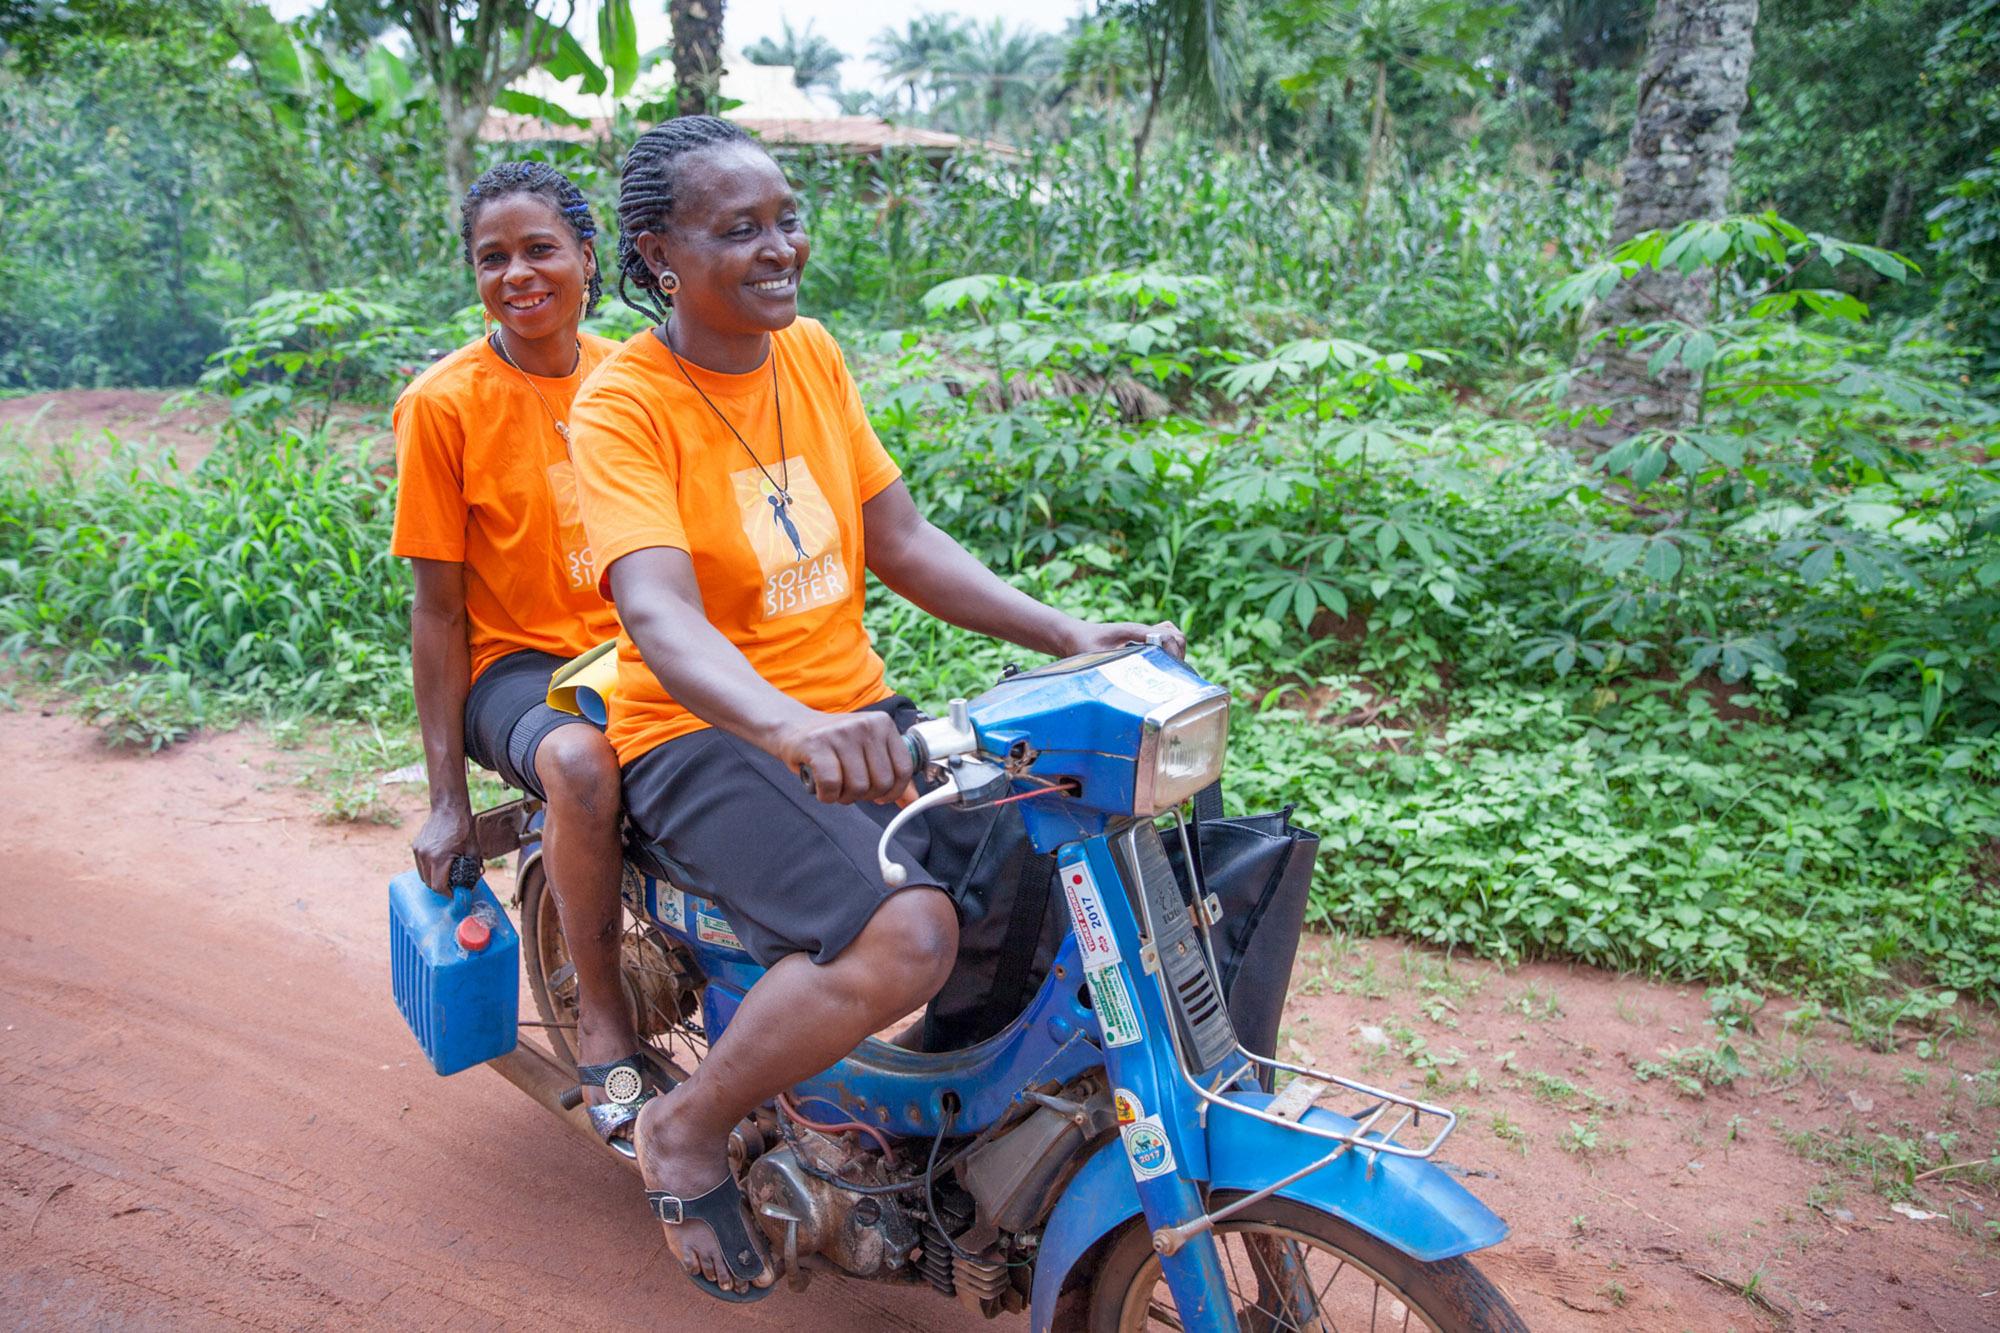 Motorcycle Diaries: choosing how to grow